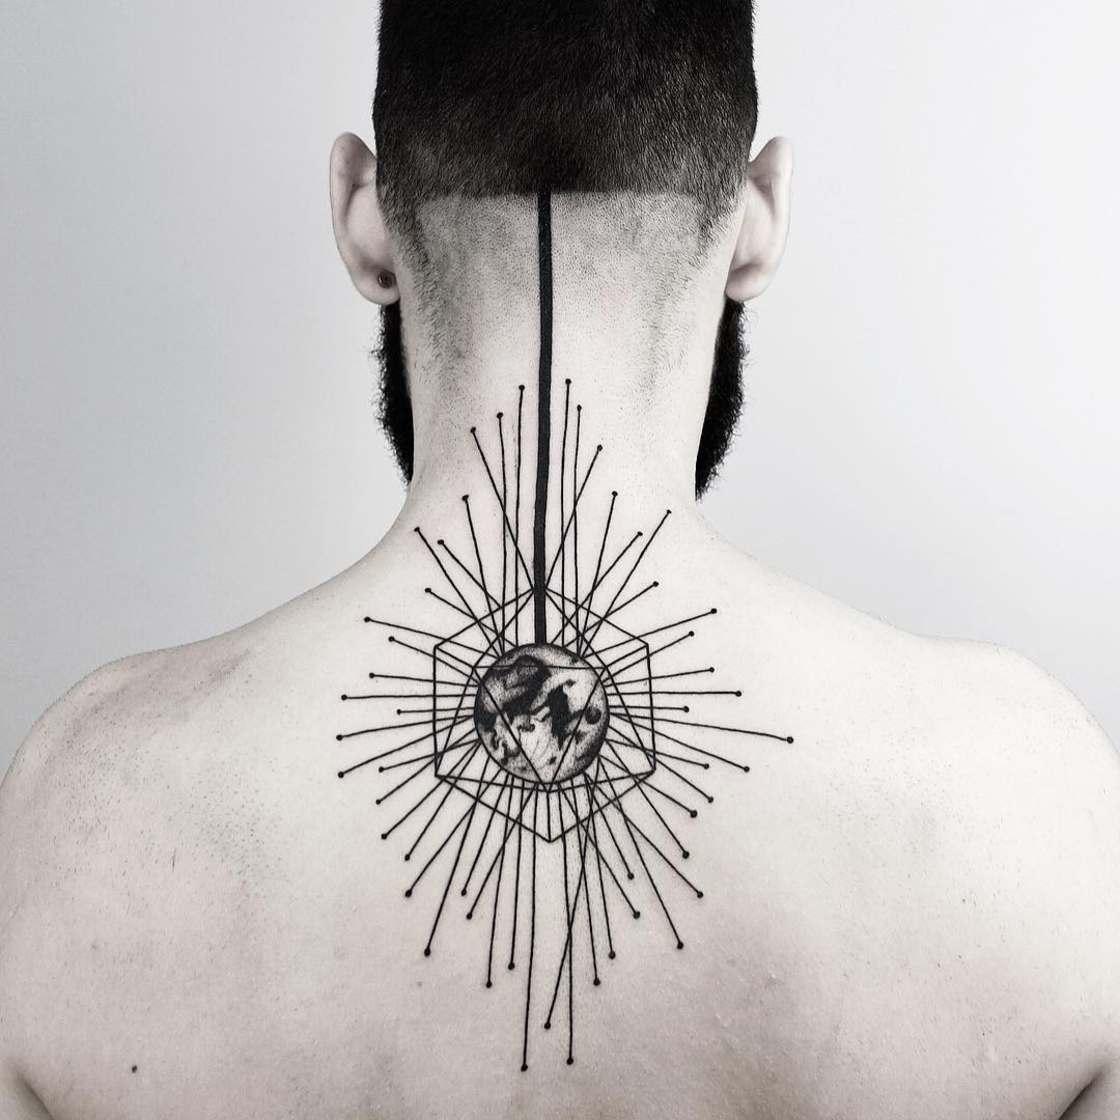 Geometrical & Minimalist Tatoos by Malvina Maria Wisniewska (8 pics)